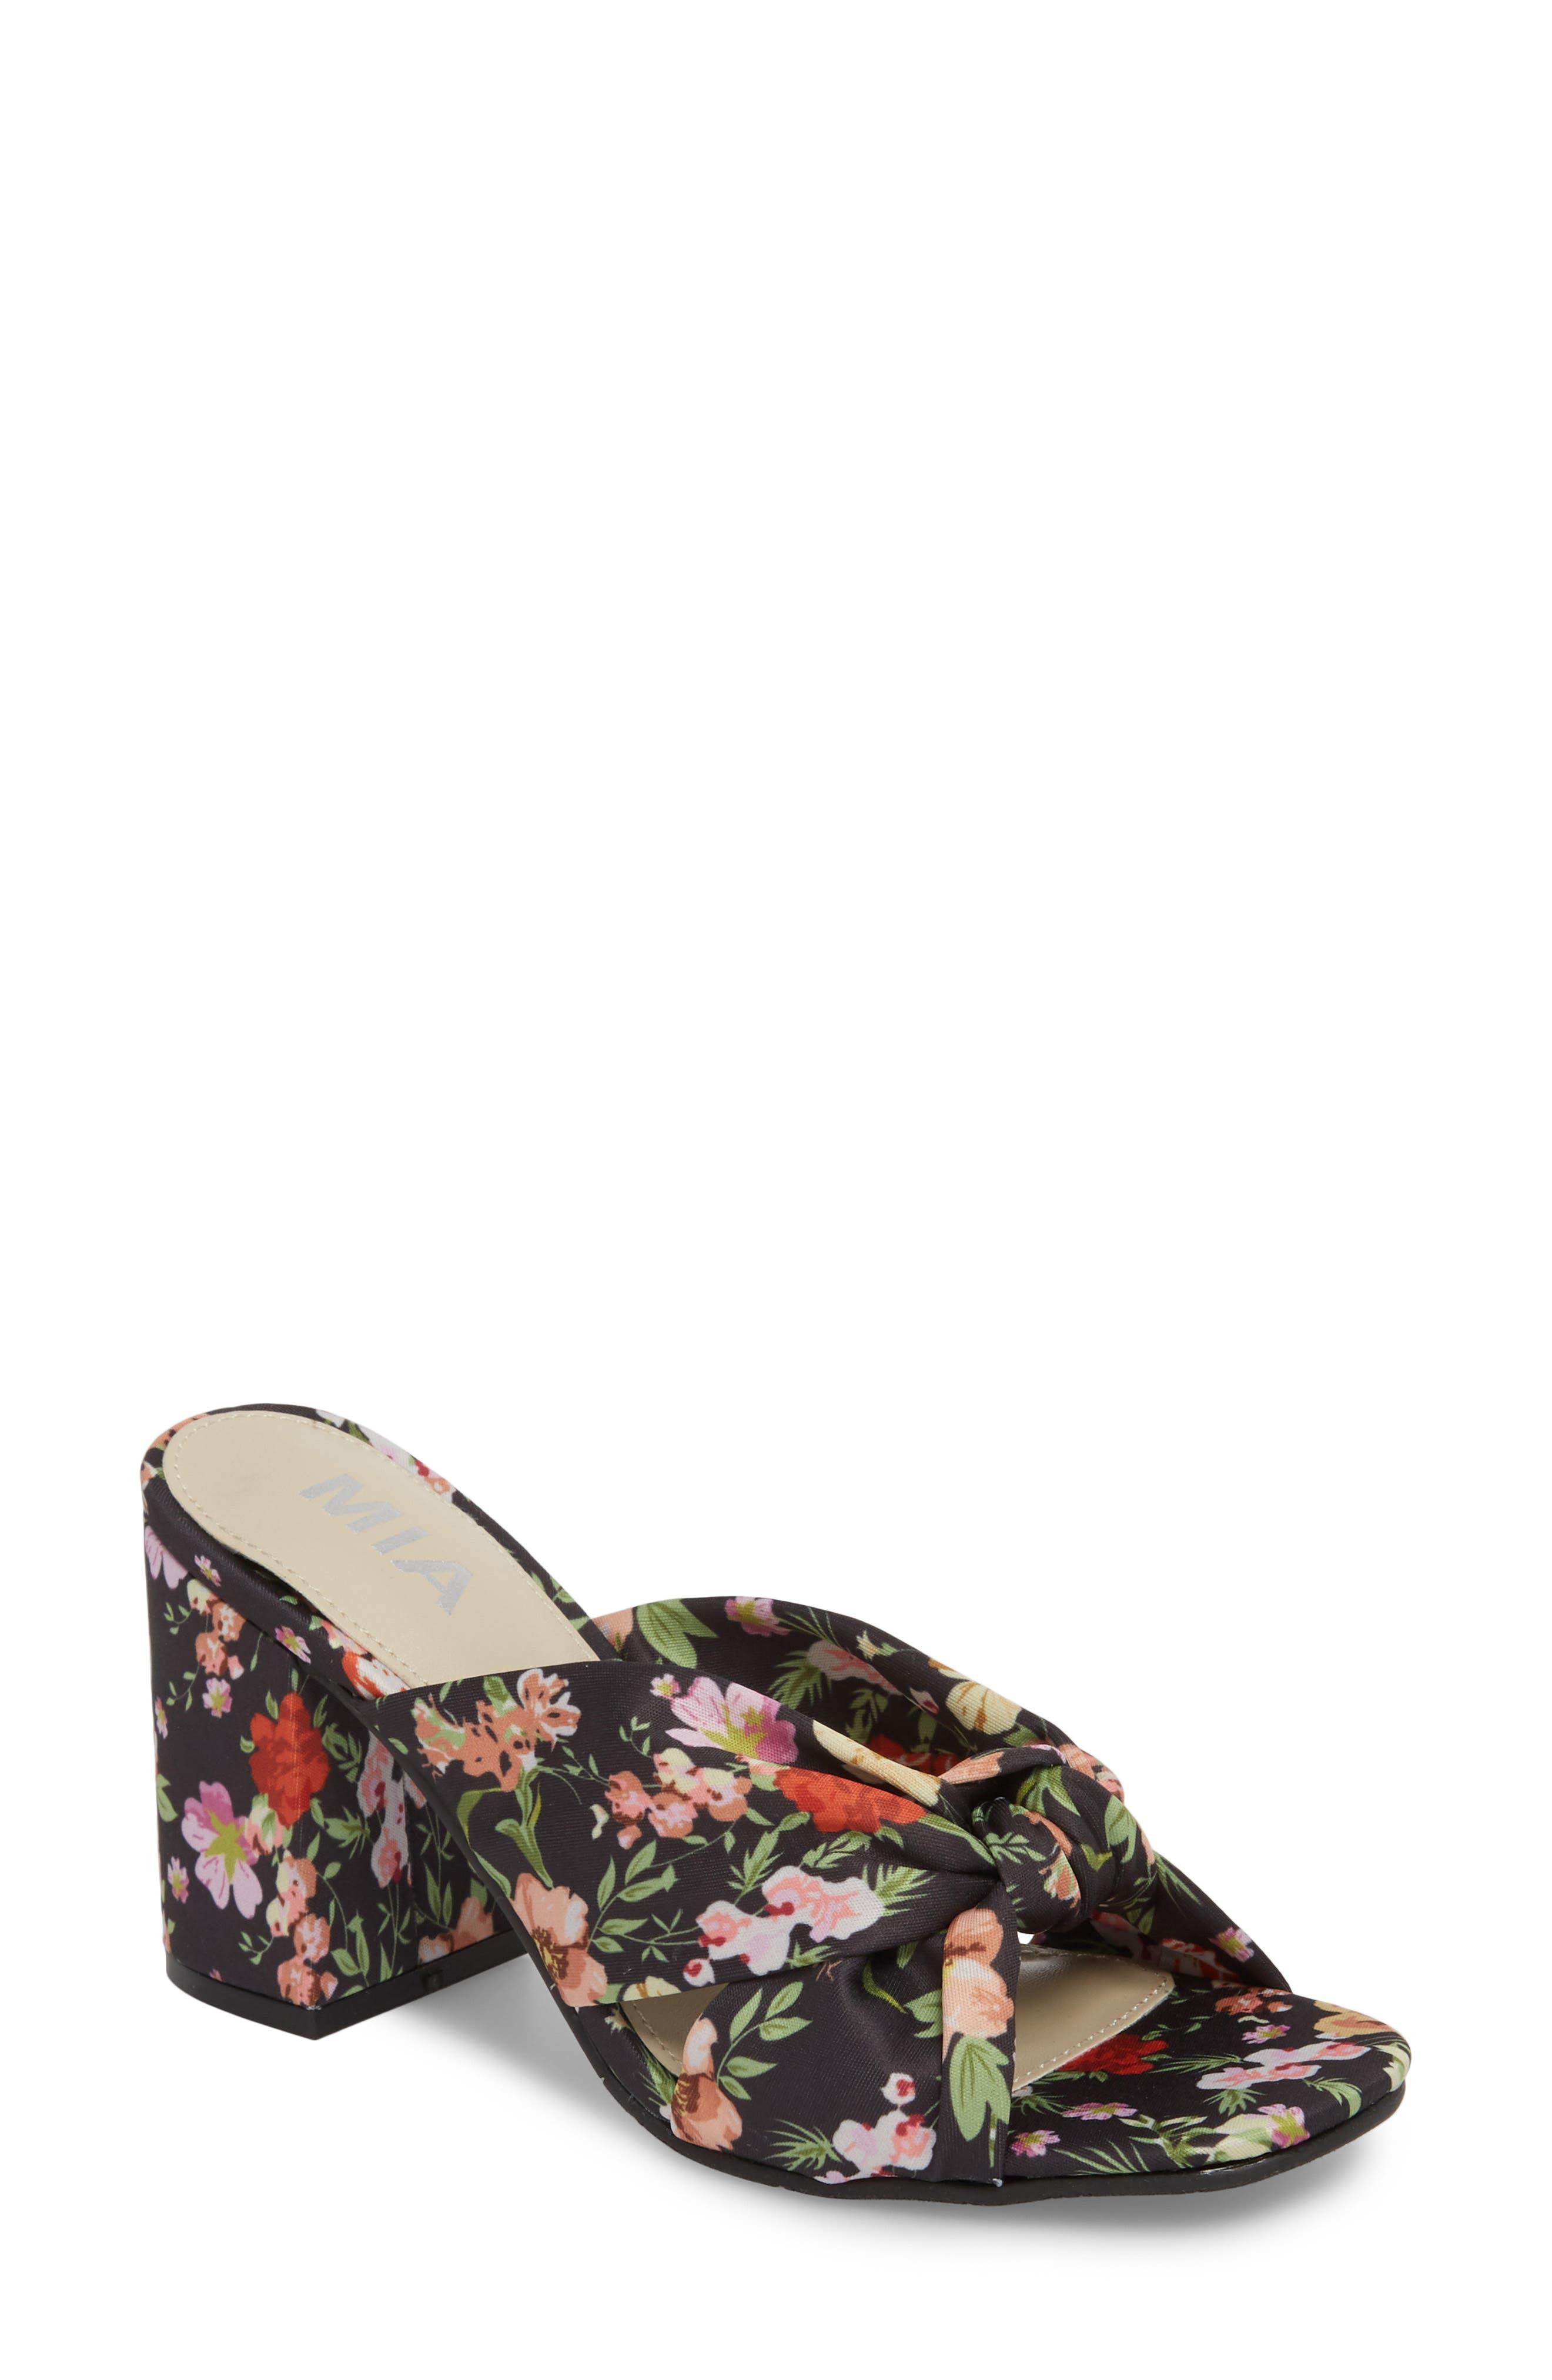 Collette Floral Sandal,                             Main thumbnail 1, color,                             001